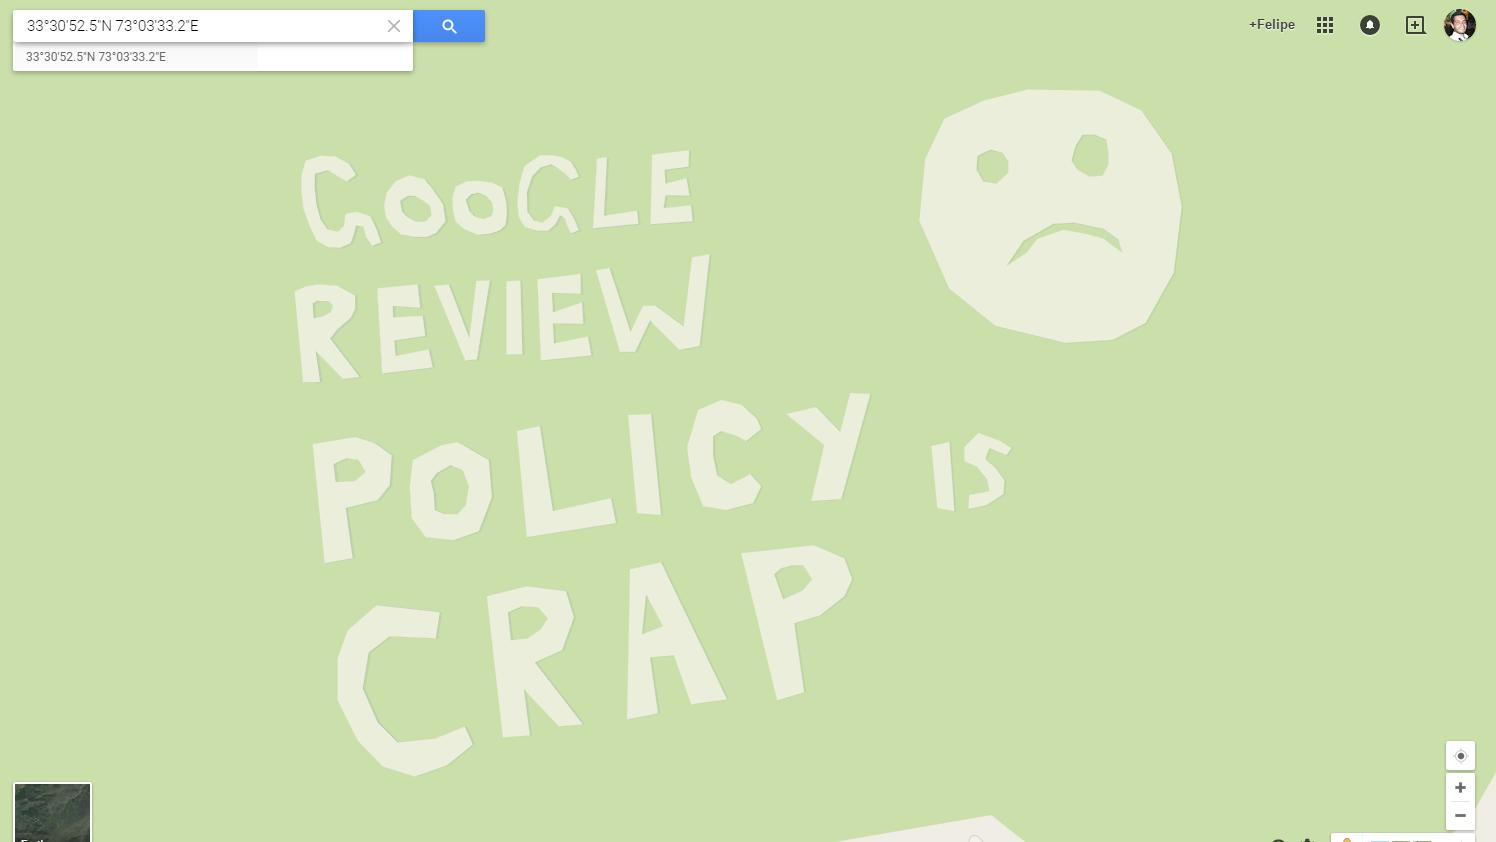 Mapa com critica ao Google